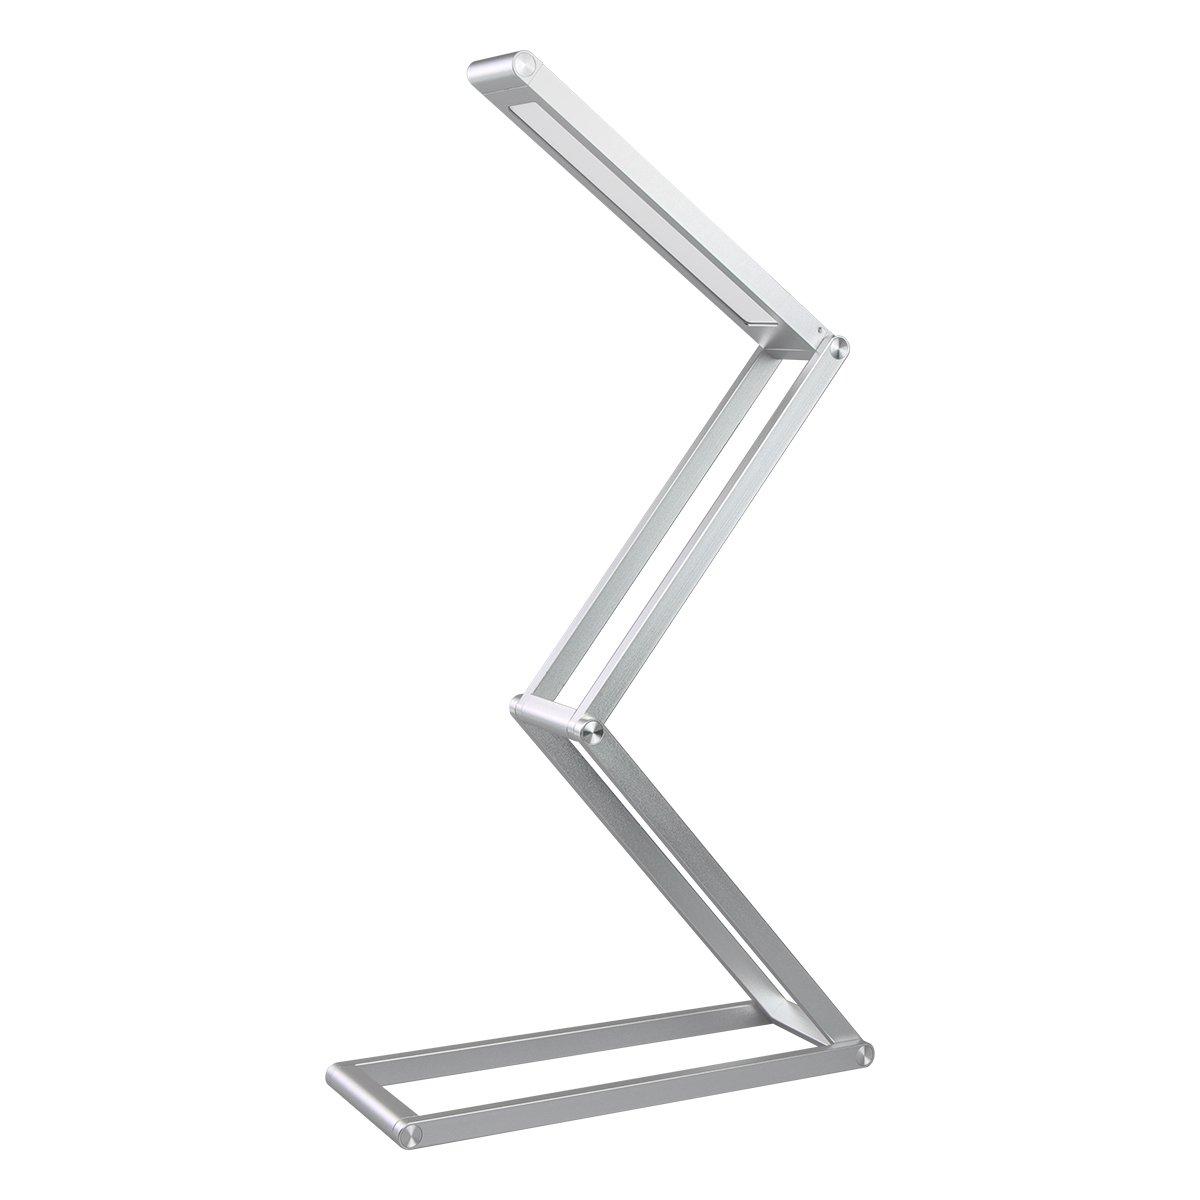 Dimmerabile e Multiforme 3W Lampada Comodino Ricaricabile in Alluminio Colore Argento 3 Livello di Luminosit/à Eye-Cura LED Portatile Elzo